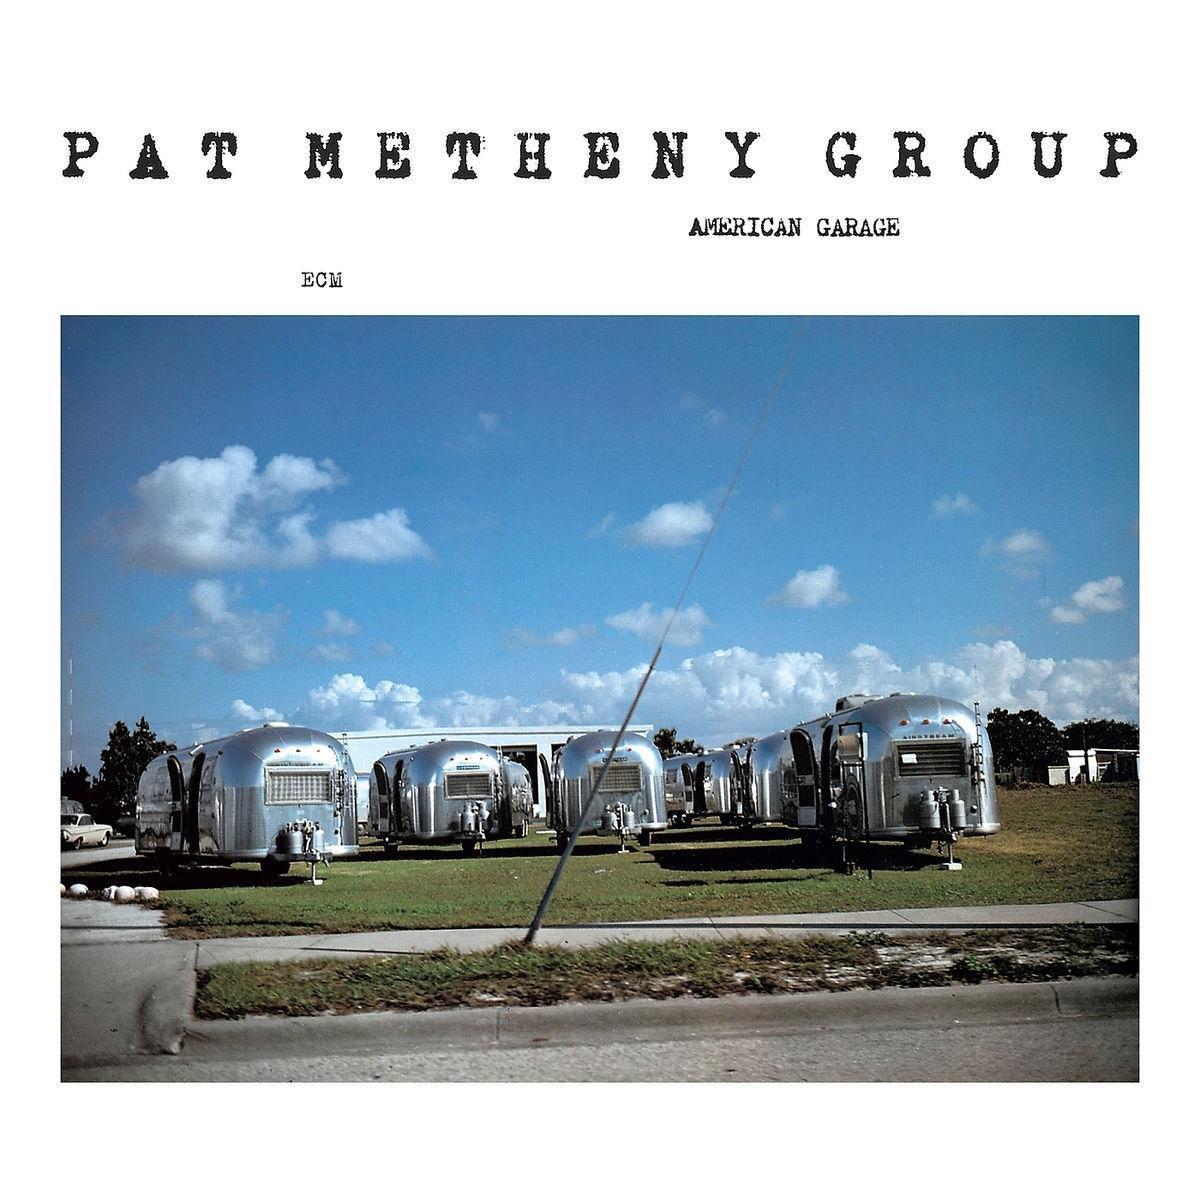 American Garage - Pat Metheny